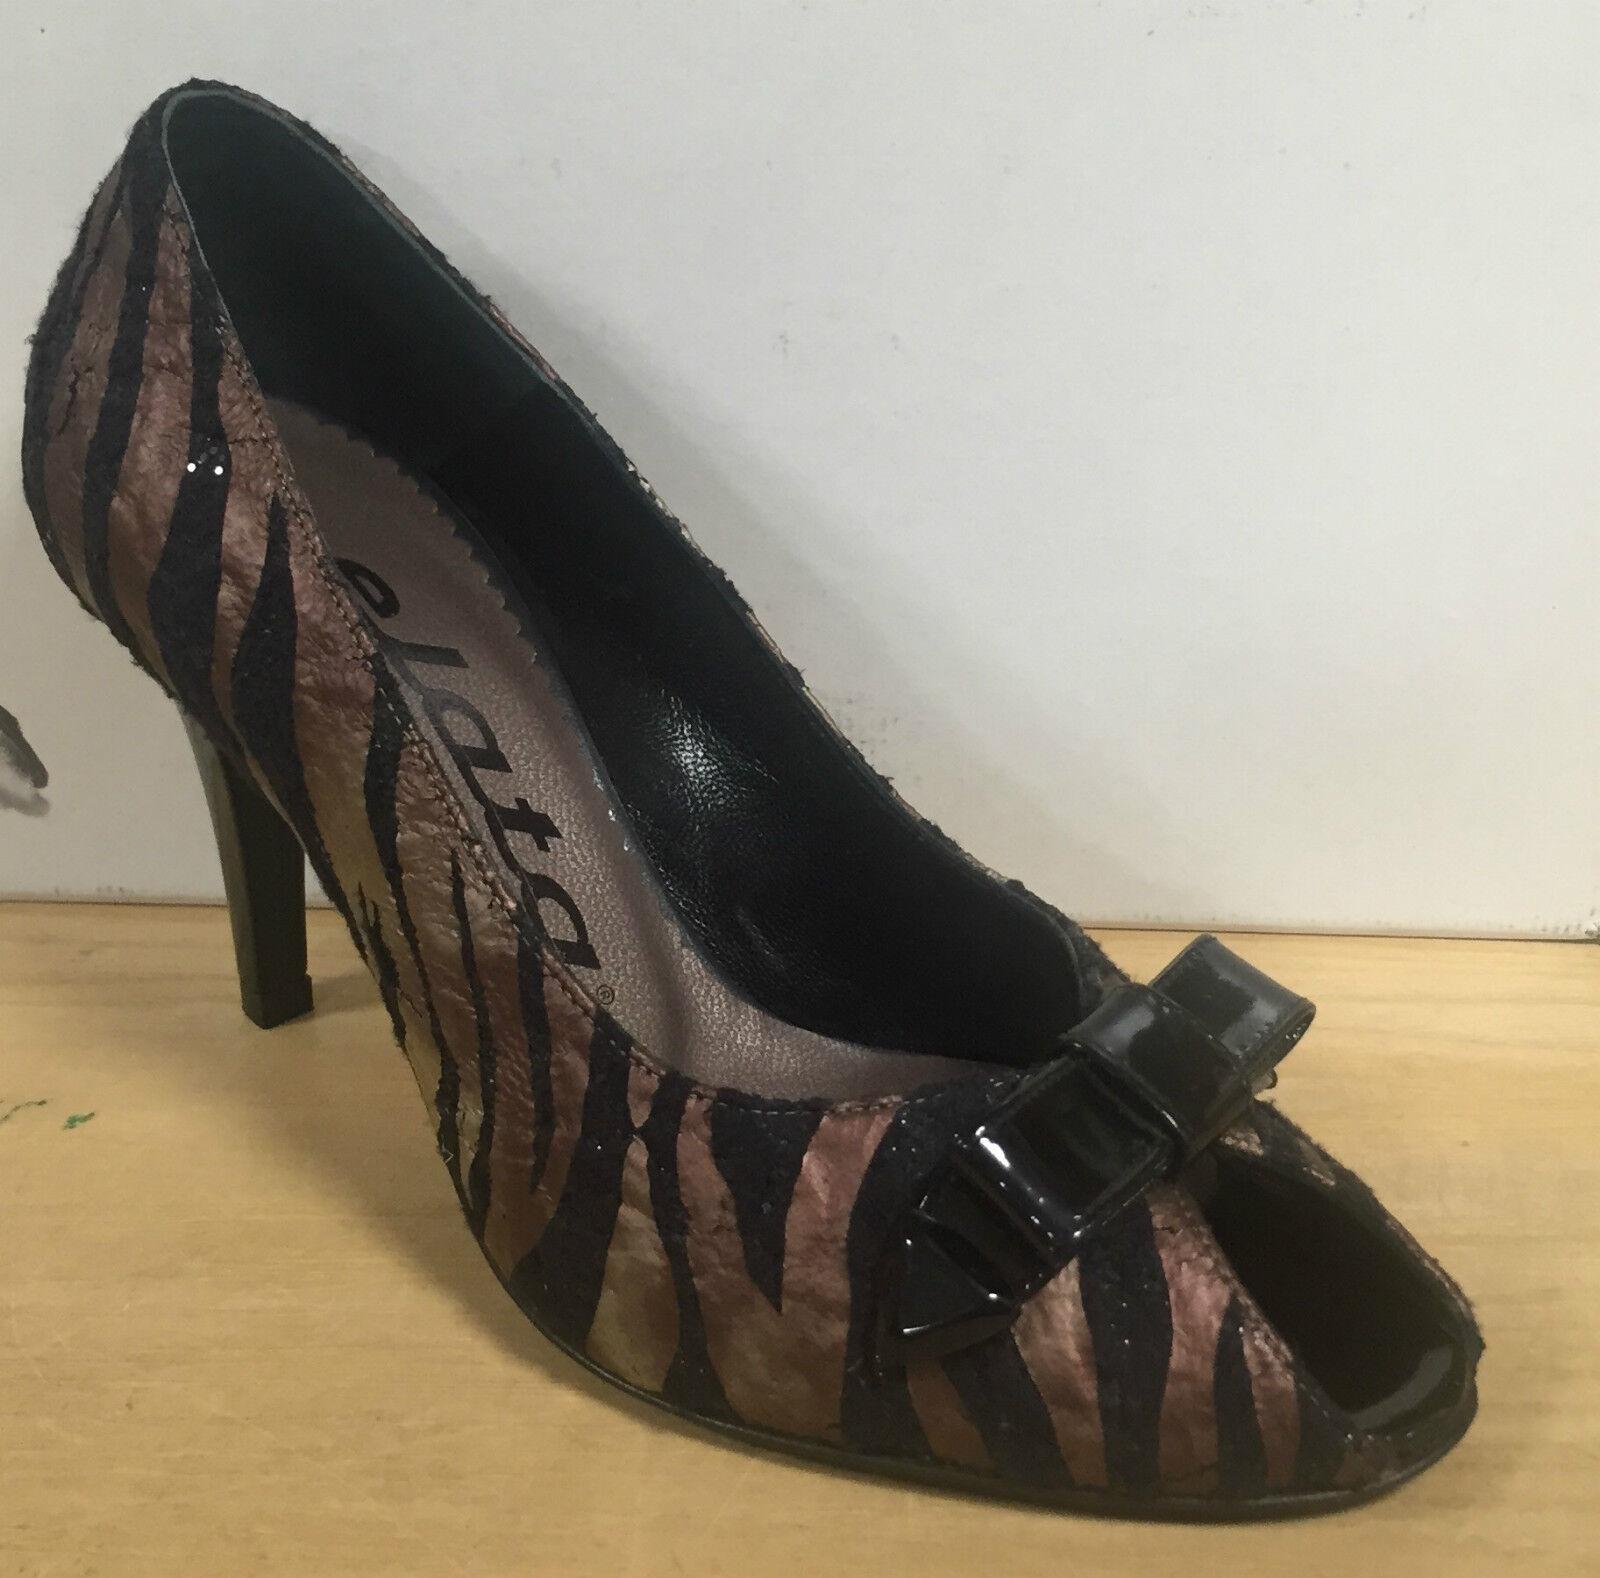 Descuento de liquidación ELATA Zapatos de mujer salón abierto en el consejo con lazo fantasía